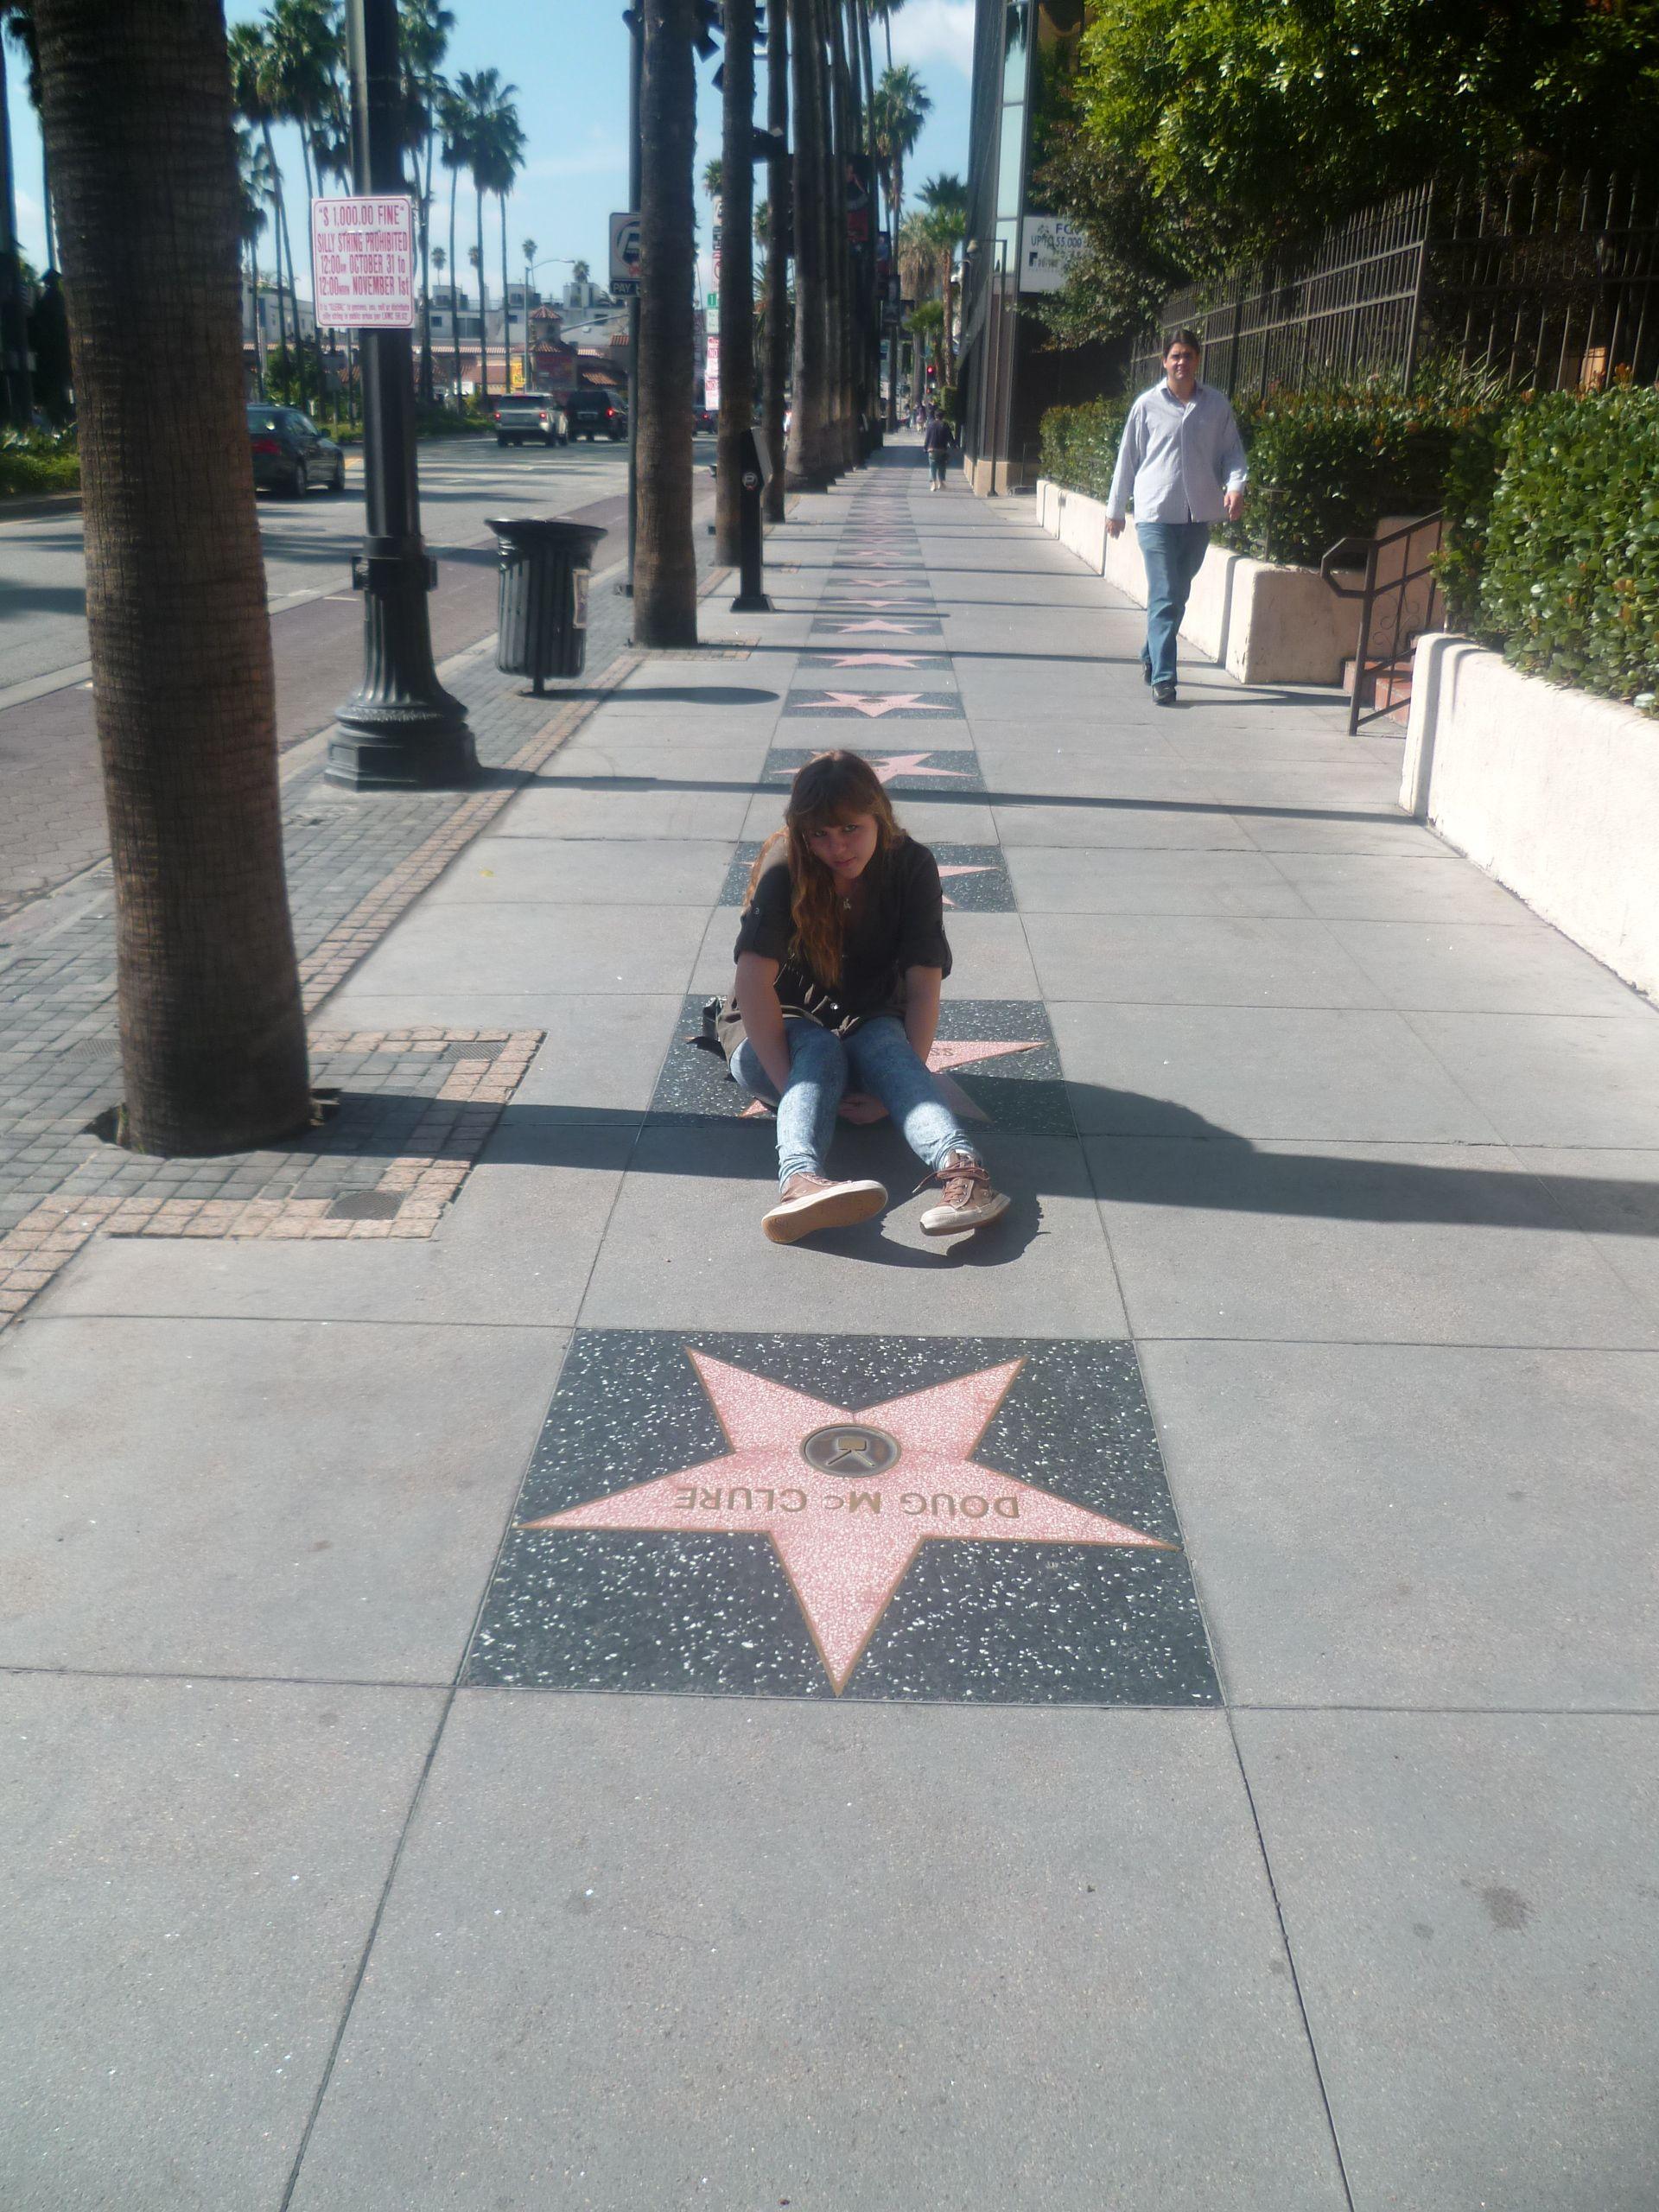 L.A. Hollywood boulevard